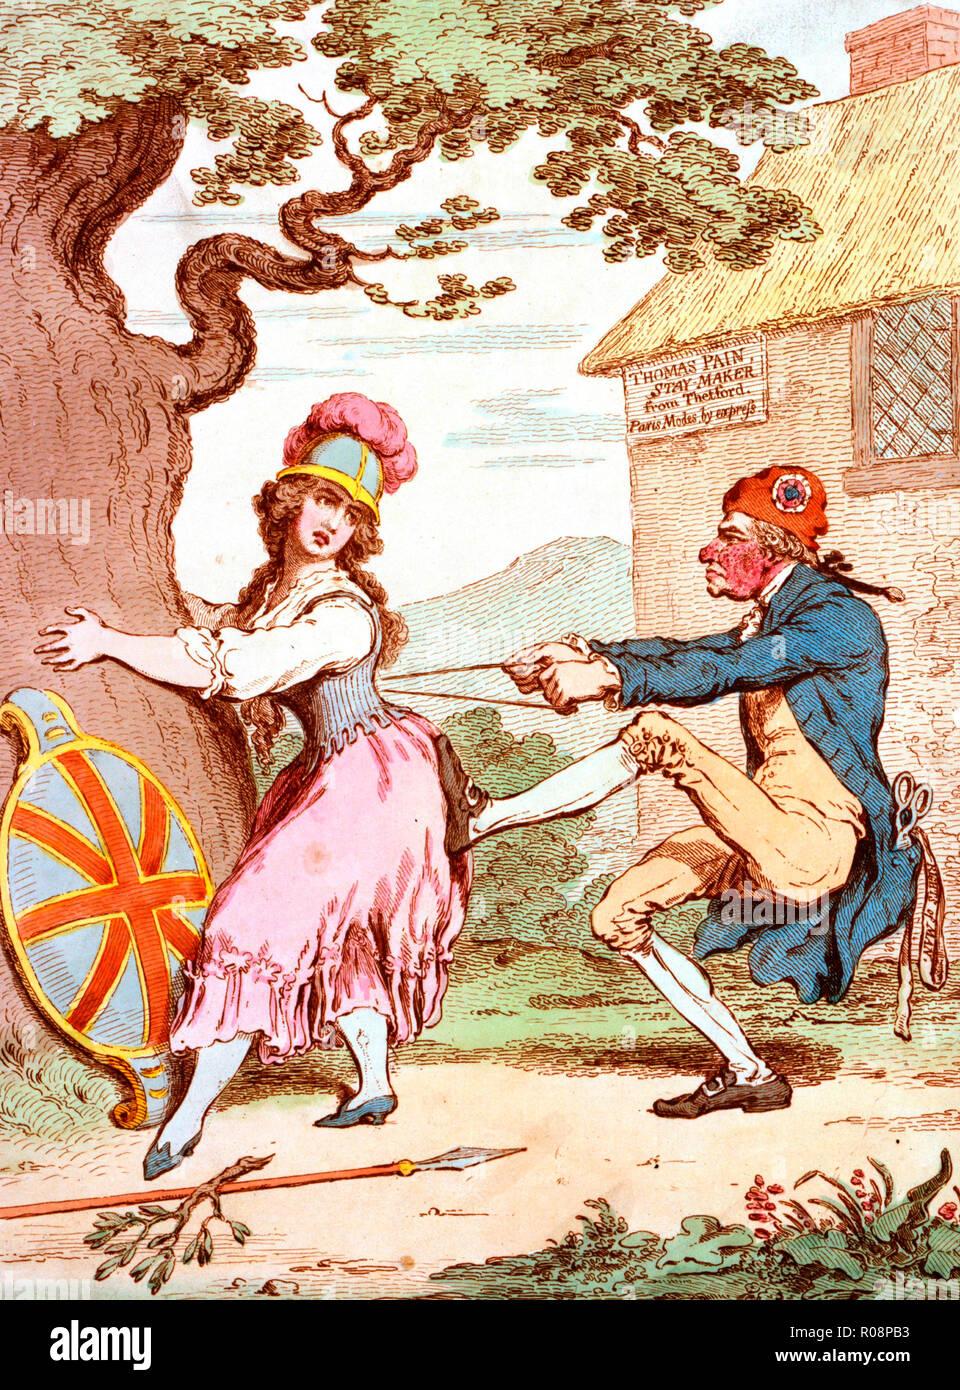 Avant la mode facilité - ou, - une bonne constitution sacrifiés pour une forme Fantastick - Caricature montrant Britannia amplexicaule tronc d'un grand chêne, tandis que Thomas Paine remorqueurs à deux mains à son séjour lacets, son pied sur son postérieur. De sa poche de manteau dépasse d'une paire de ciseaux et d'un ruban inscrit: Droits de l'homme. Derrière lui, c'est une chaumière inscrit: Thomas Paine, Staymaker de Thetford. Paris Modes, par express. Caricature politique, 1793 Banque D'Images